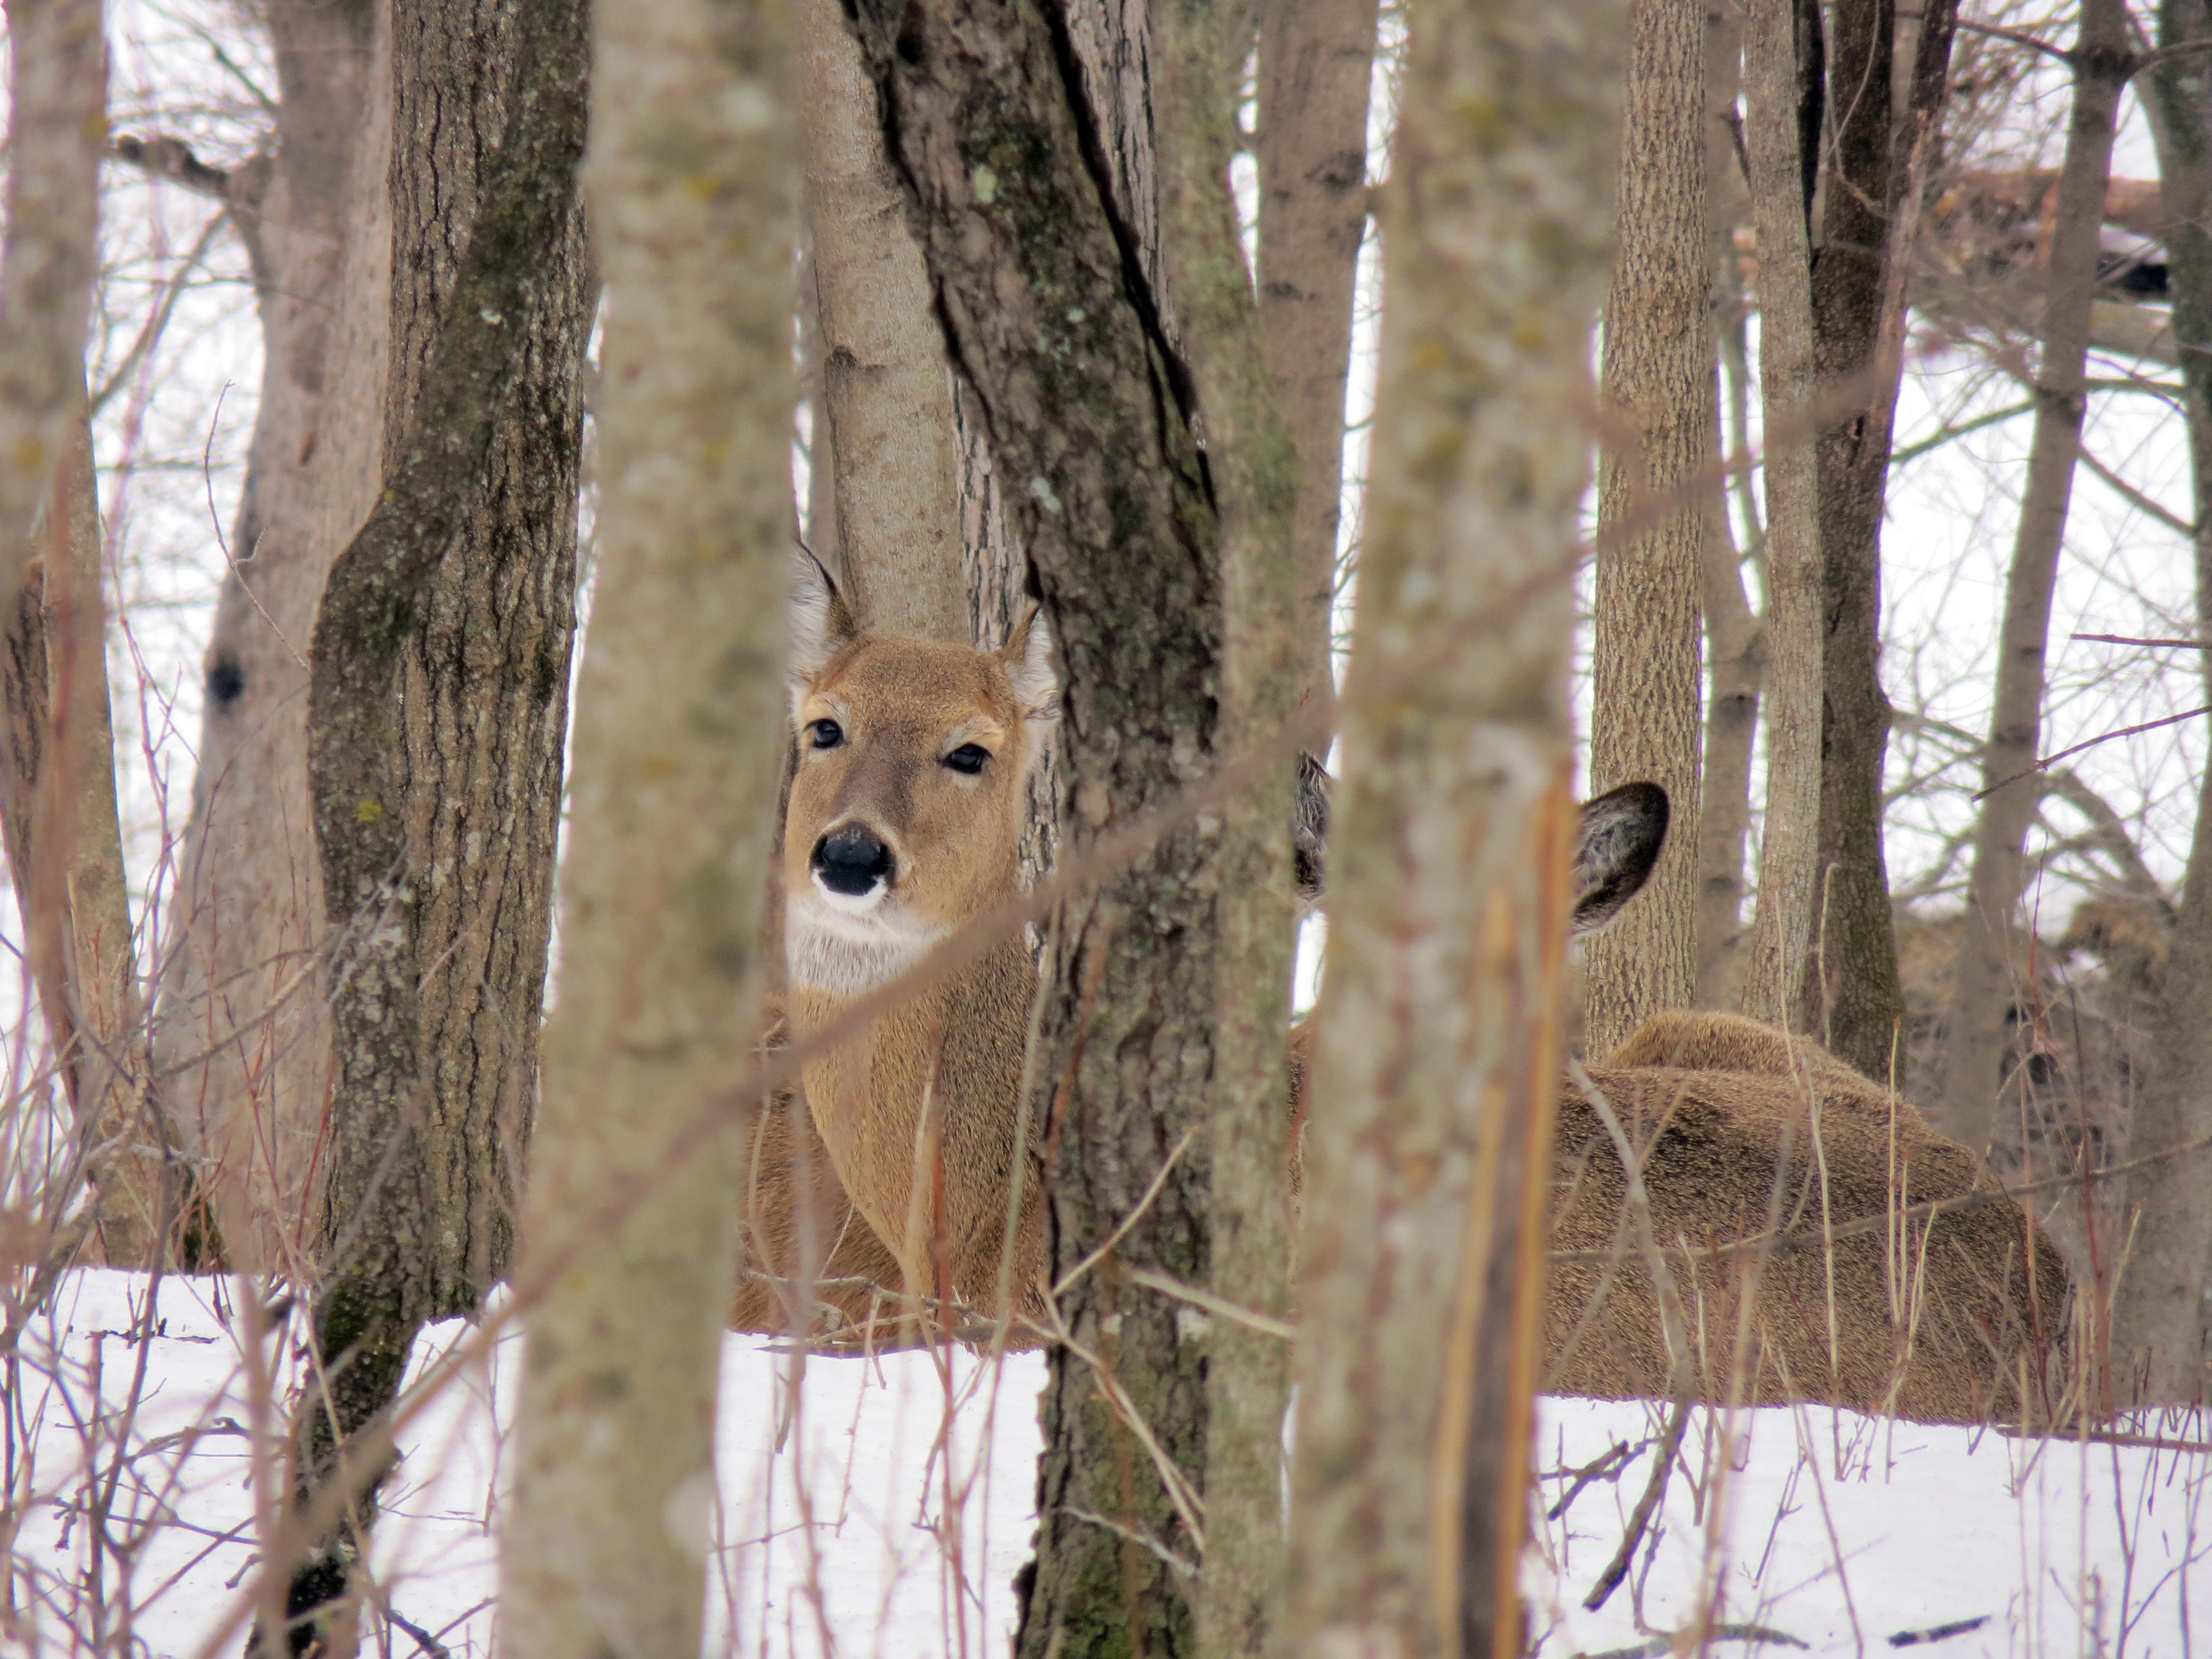 Image of deer hidden in trees